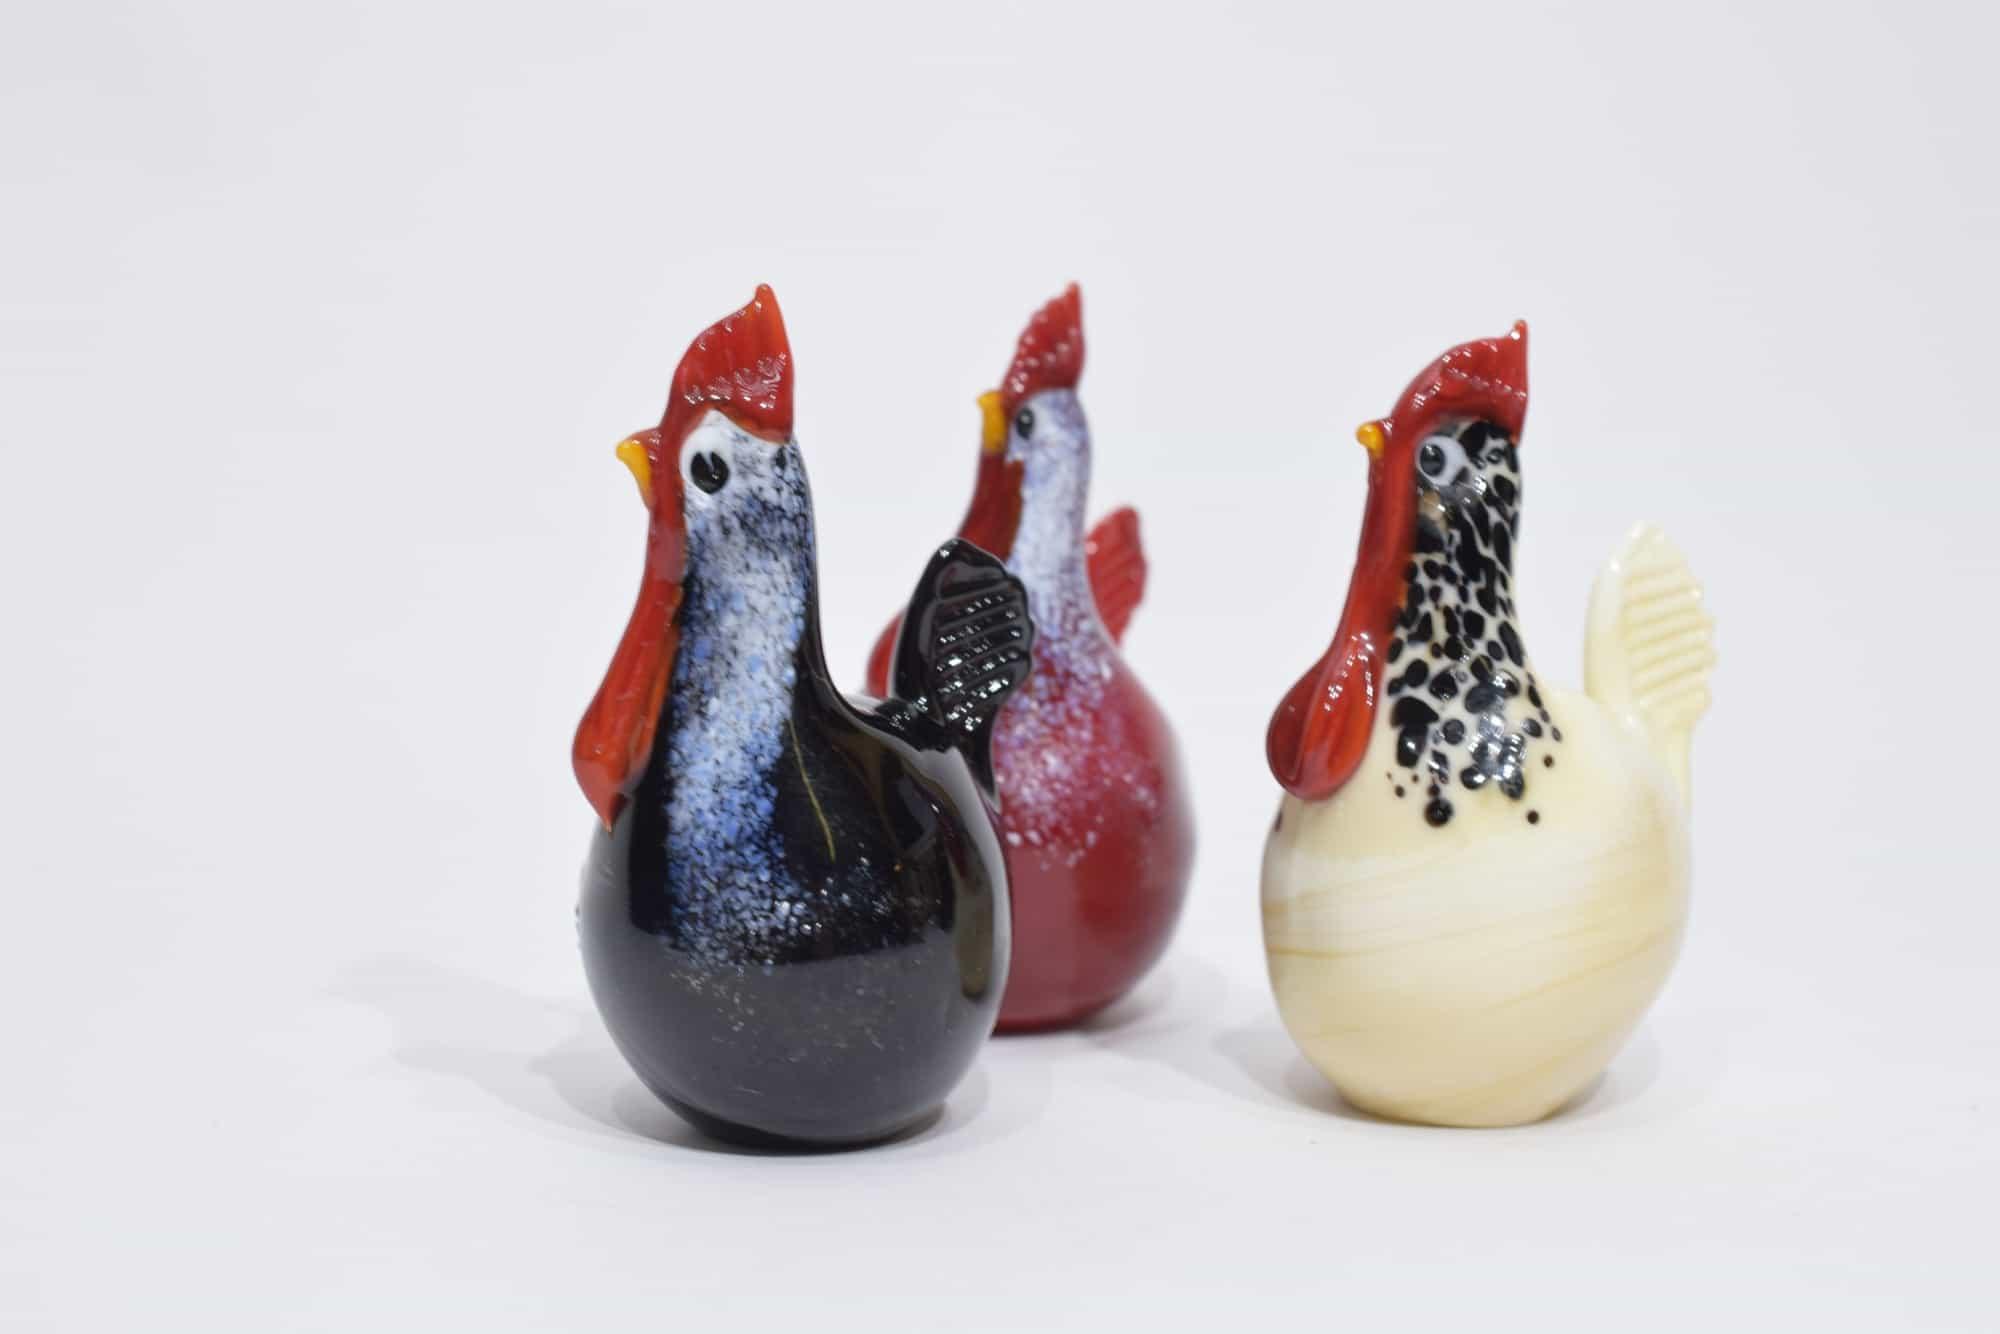 Murano Glass Hens - (Art. 13433)